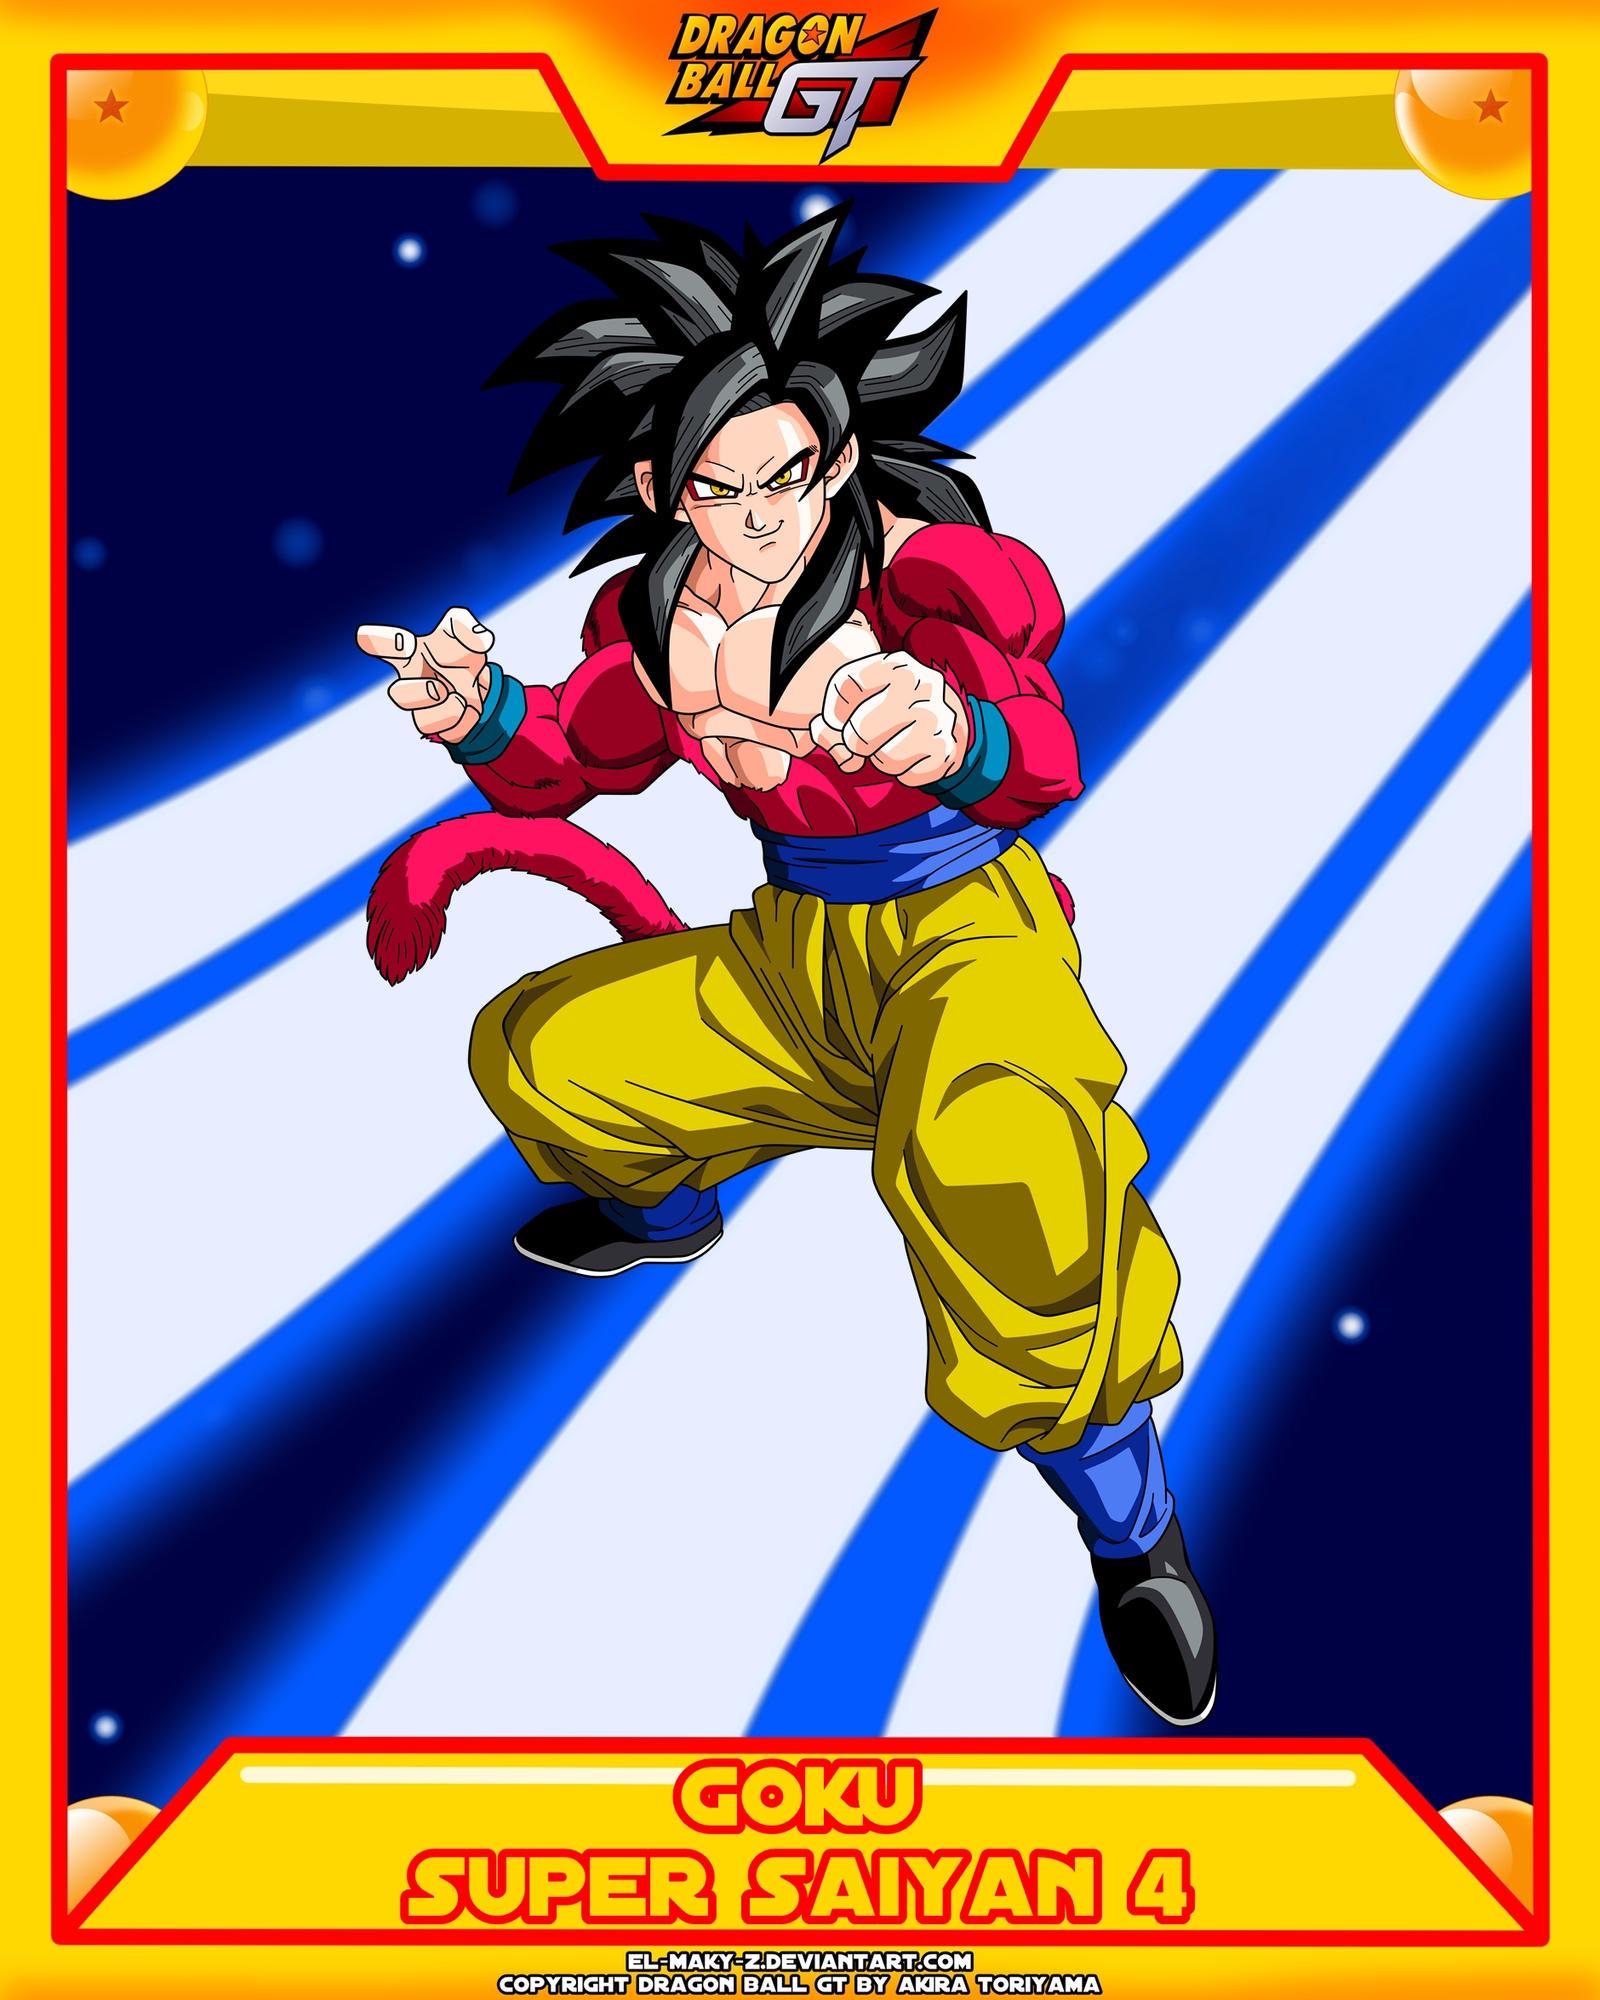 Dbgt Goku Ssj4 By El Maky Z On Deviantart